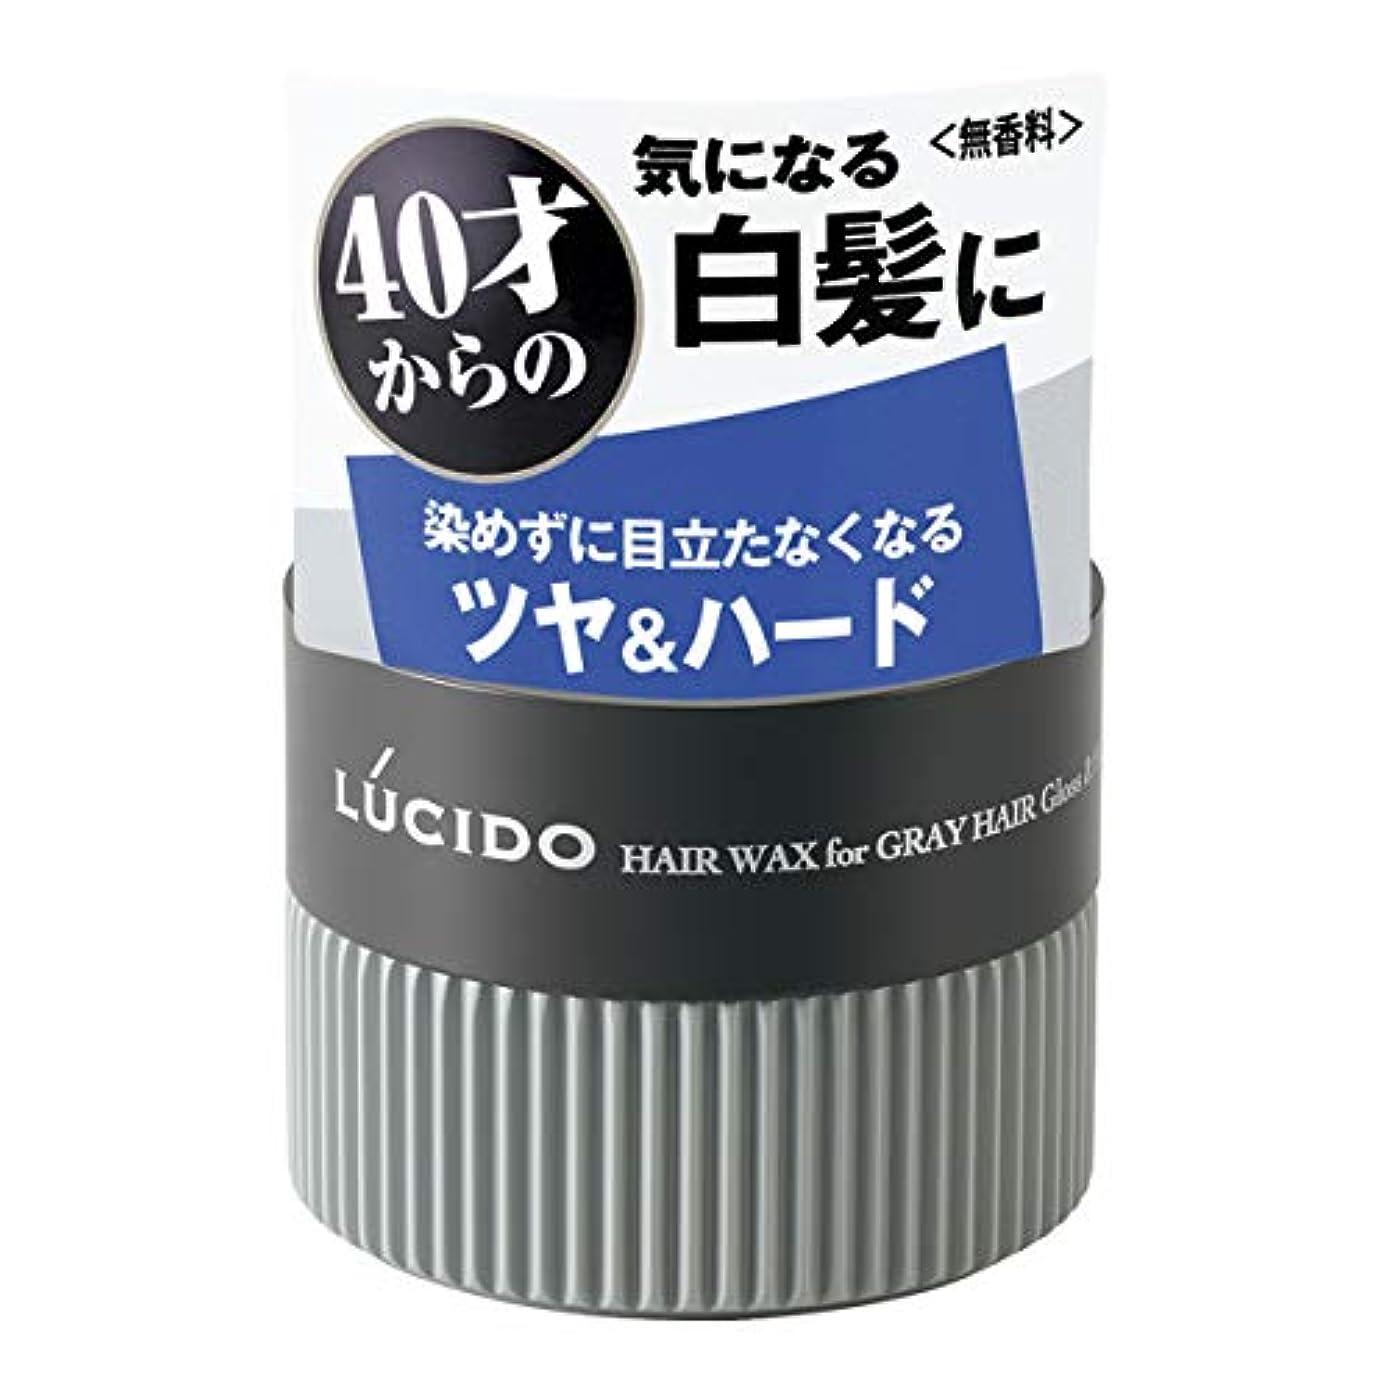 ジレンマ規定筋肉のLUCIDO(ルシード) ヘアワックス 白髪用ワックス グロス&ハード 80g